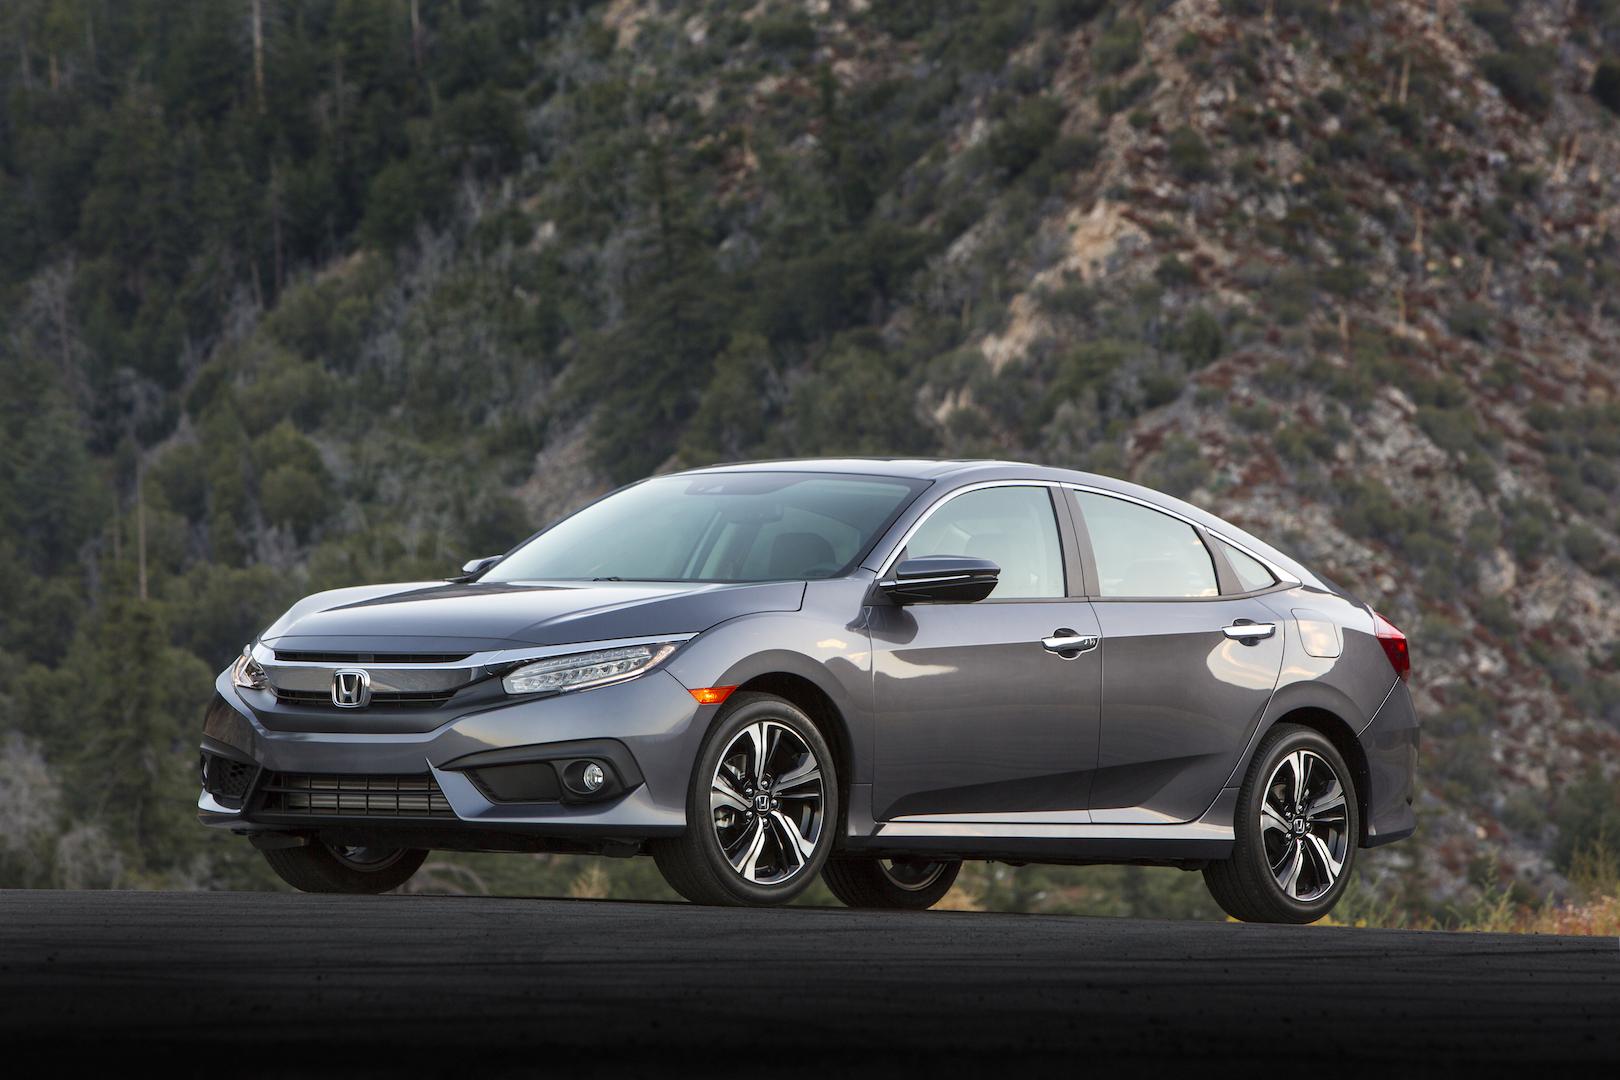 Honda Civic 2016 giá bao nhiêu? Khi nào về Việt Nam?